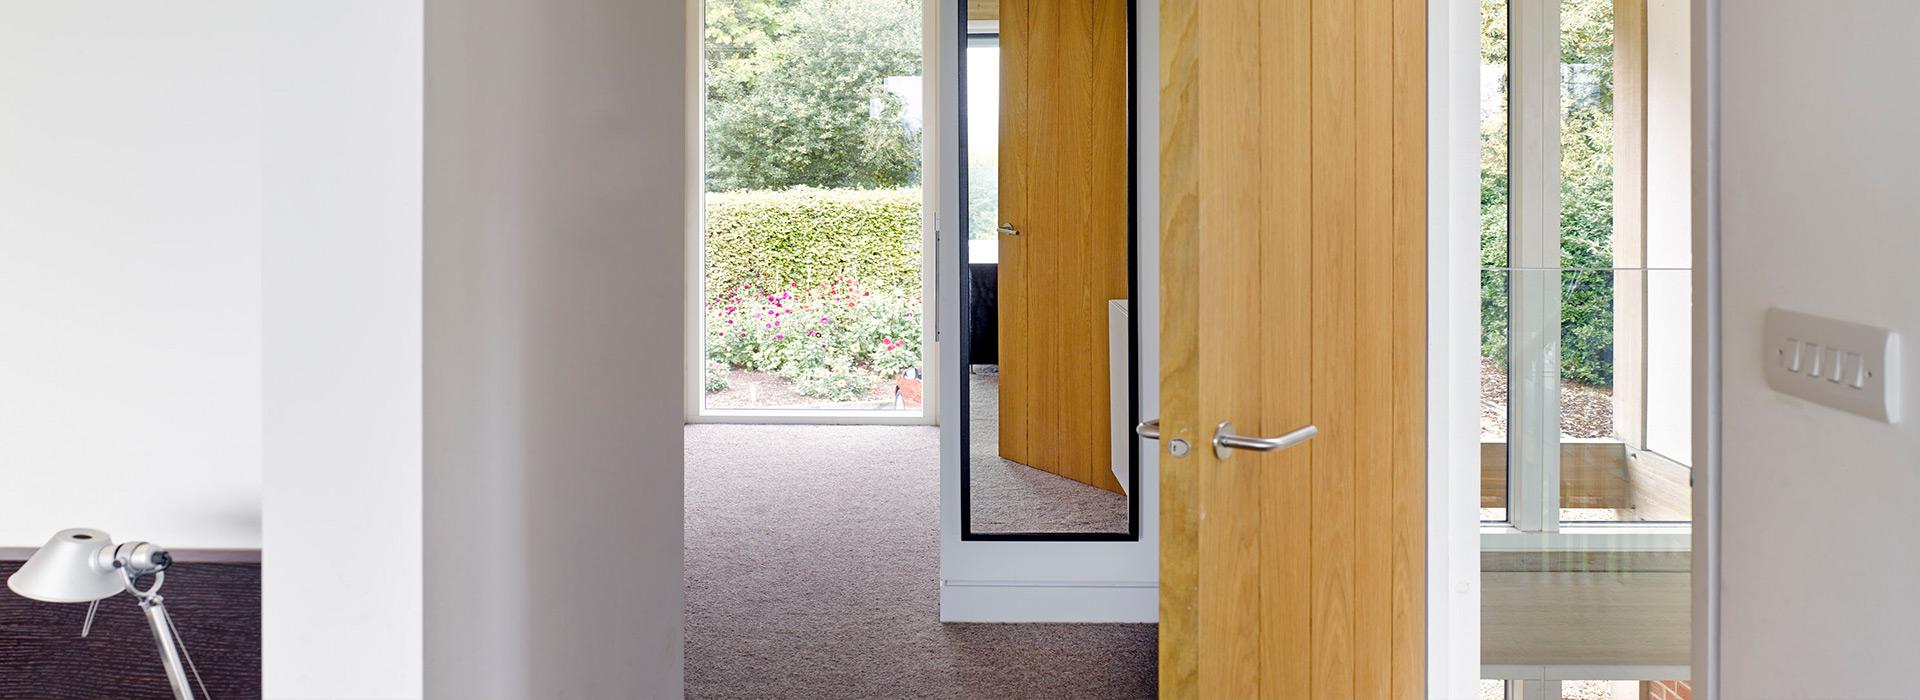 Oak countryman interior doors